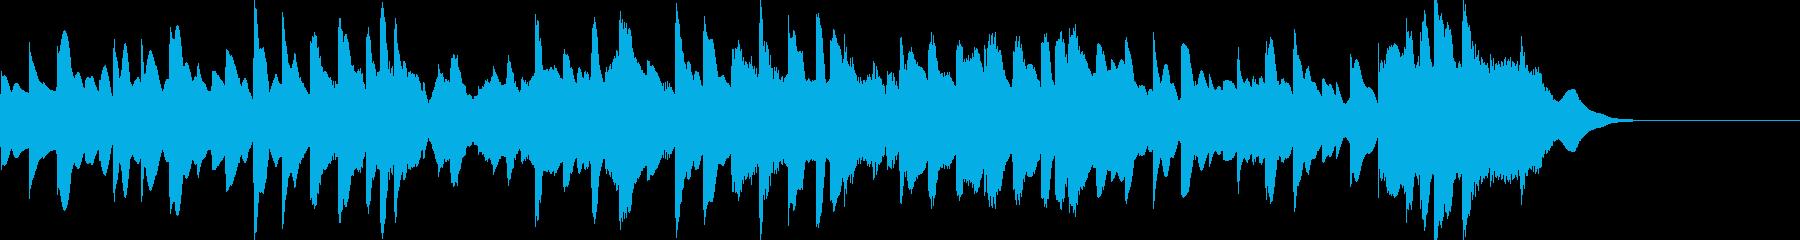 正月定番「さくらさくら」オルゴールカバーの再生済みの波形